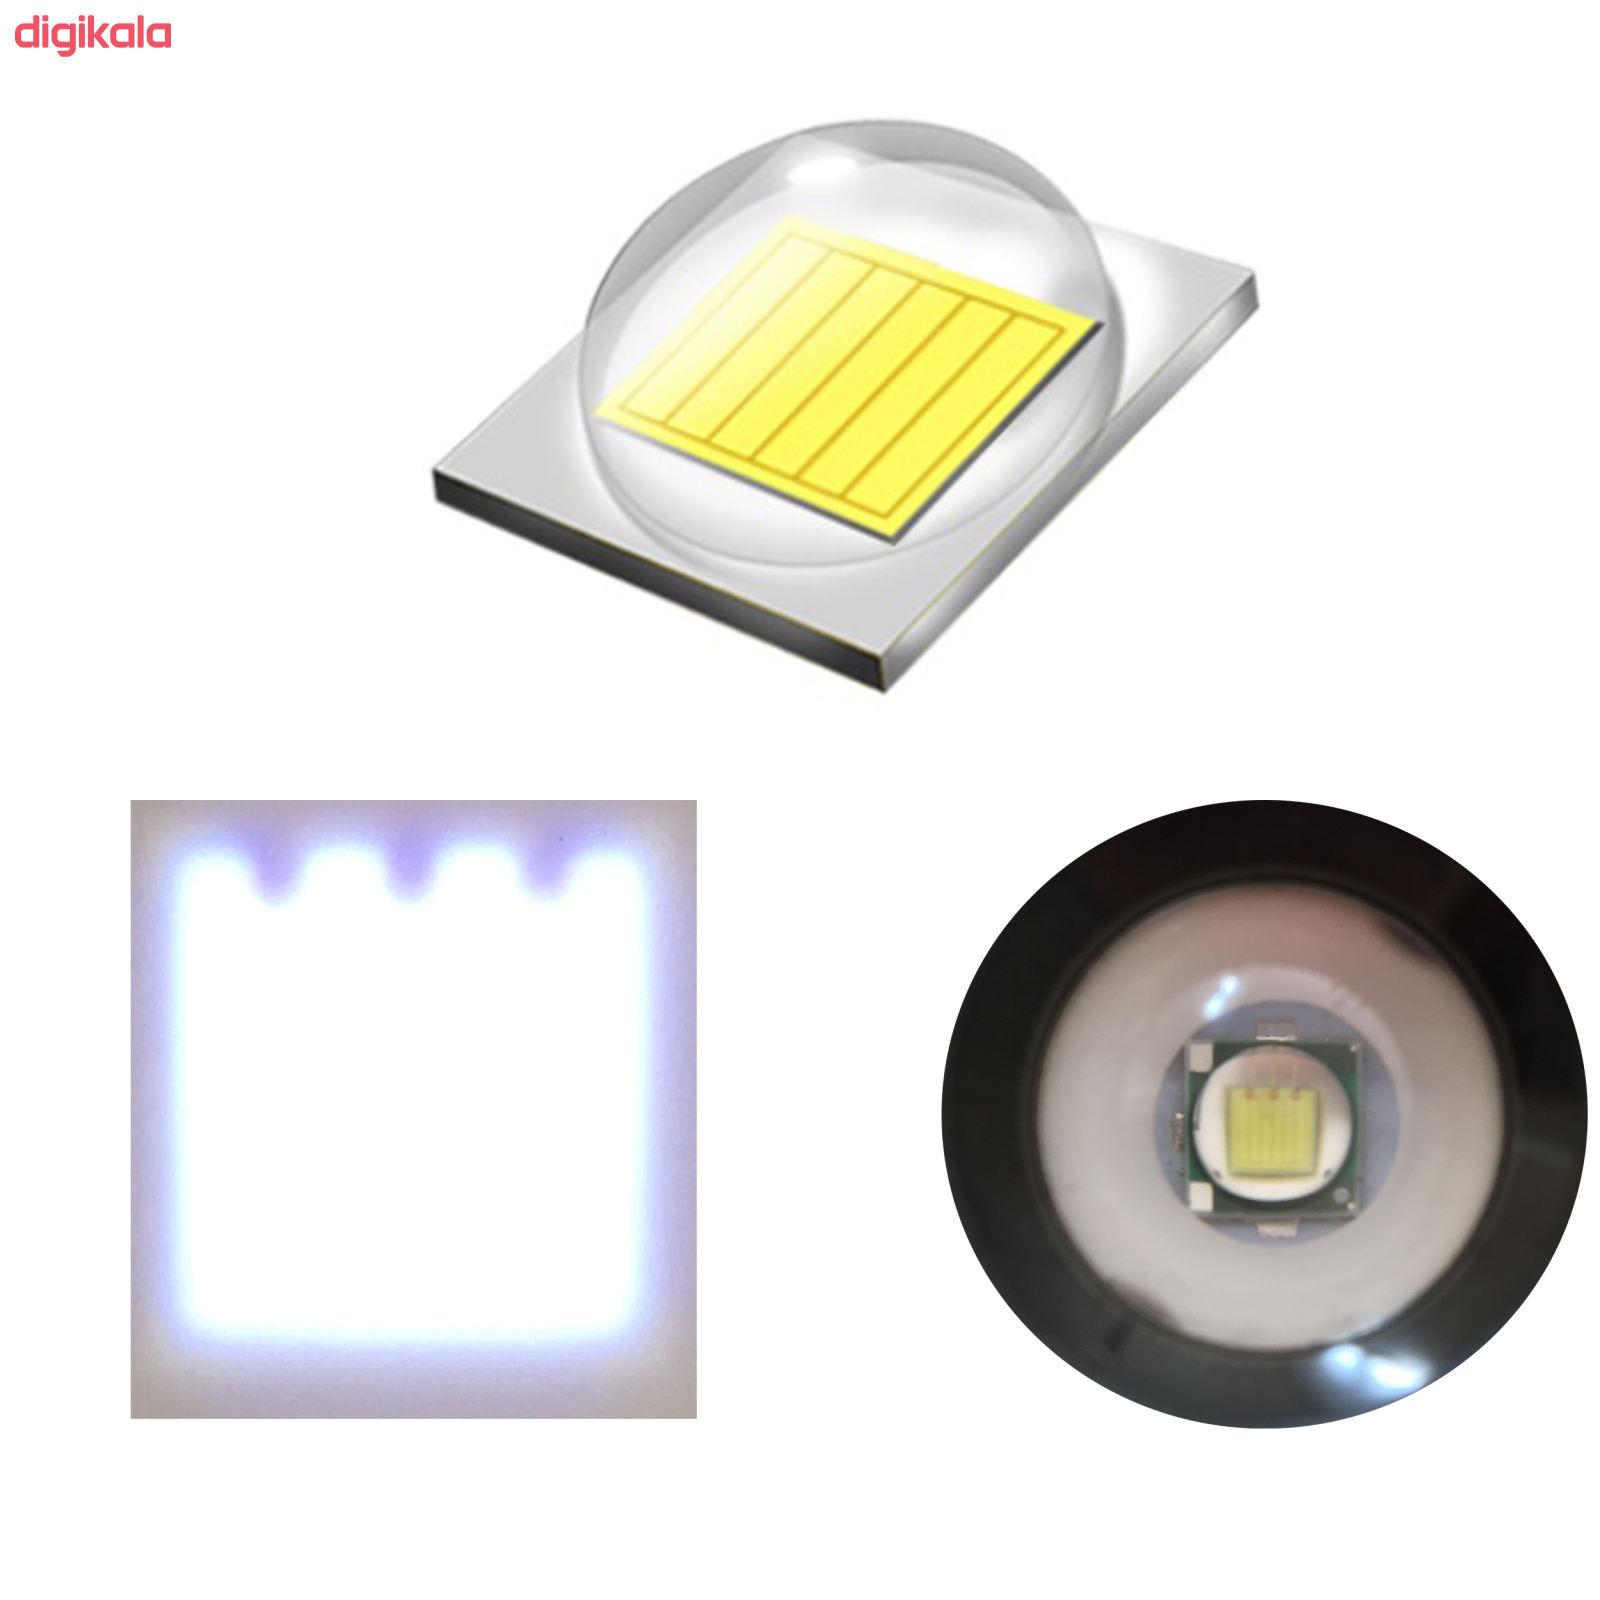 چراغ قوه دستی اسمال سان مدل ZY-1001 main 1 2